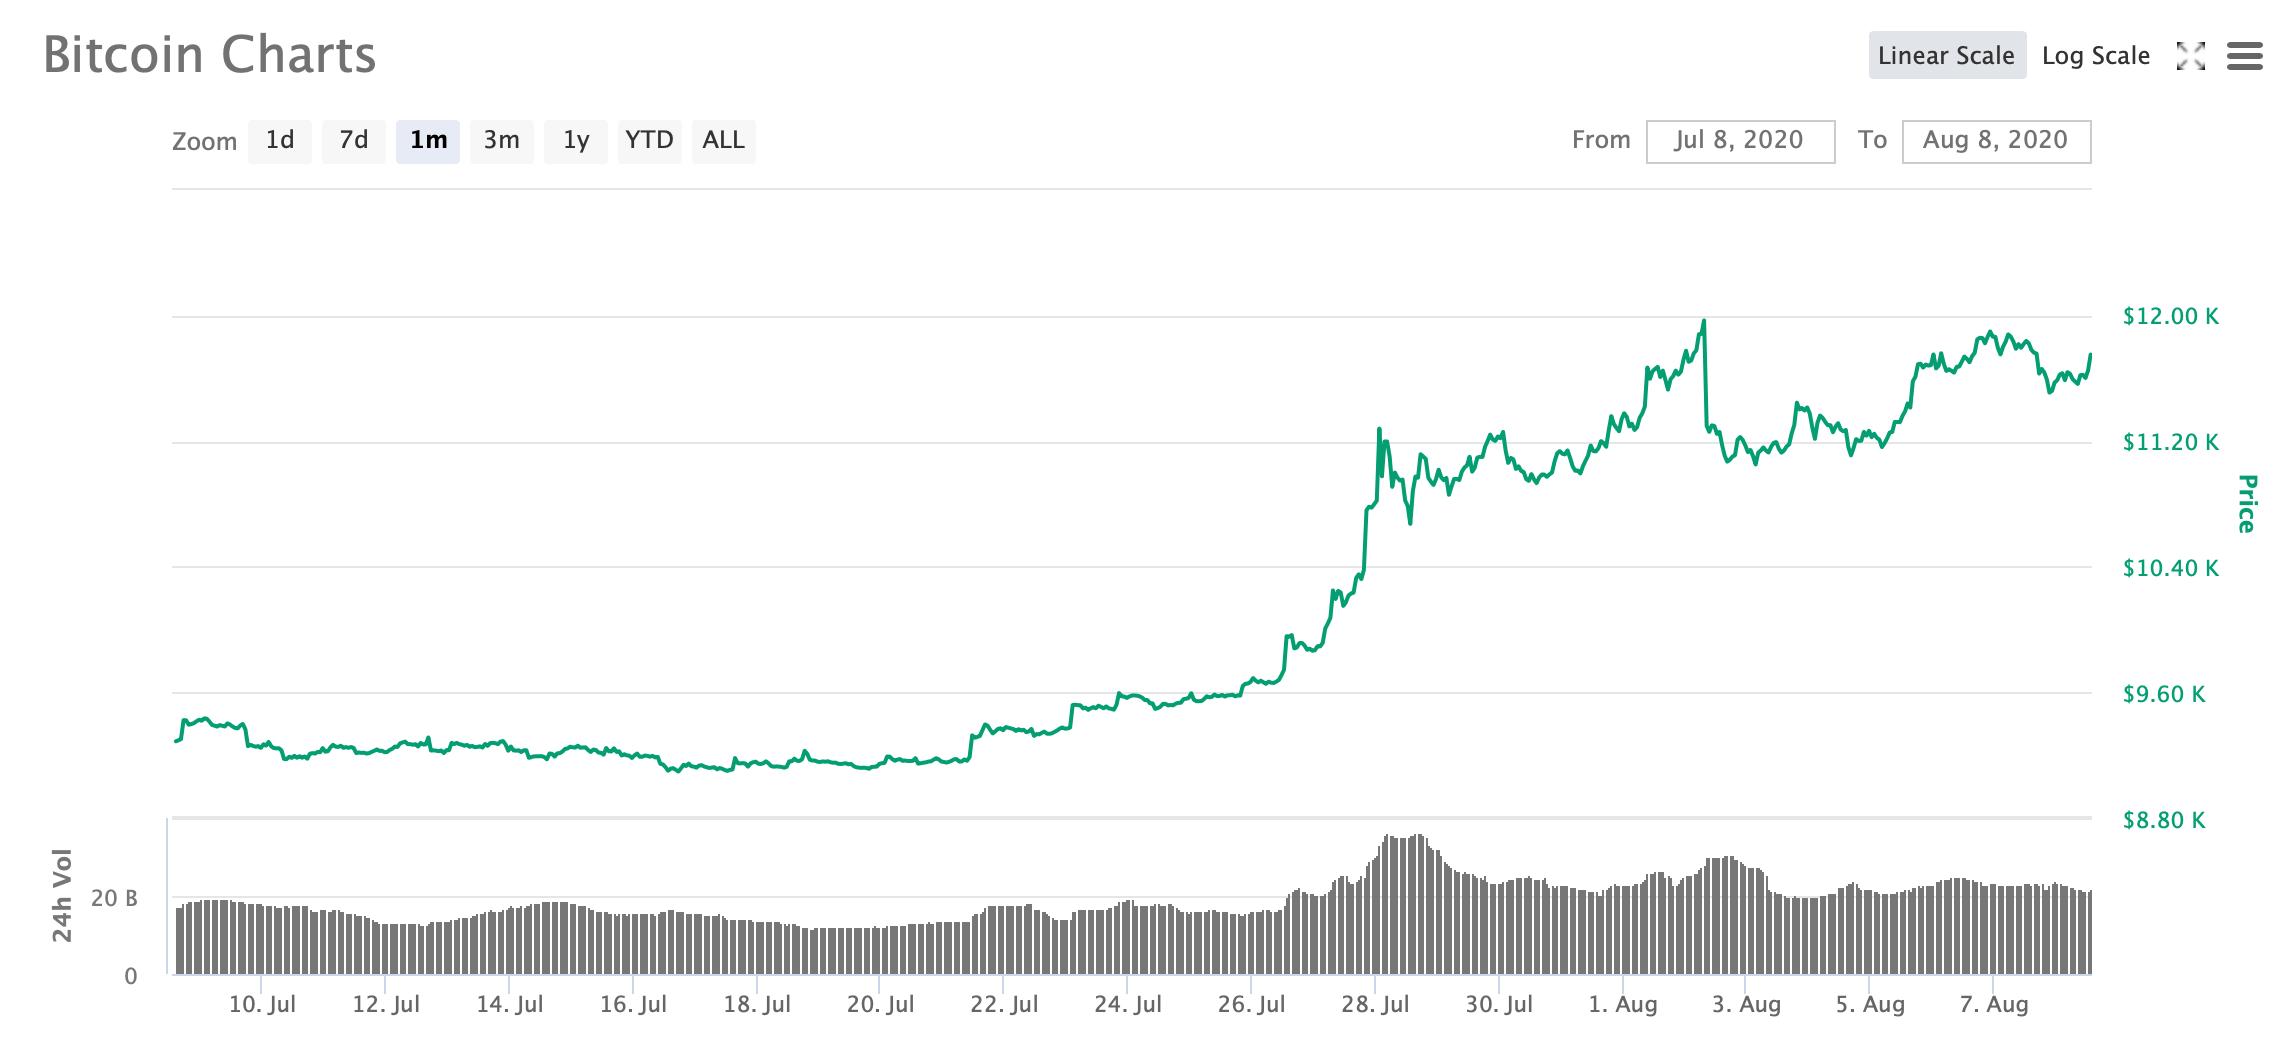 биткоин курс график месяц